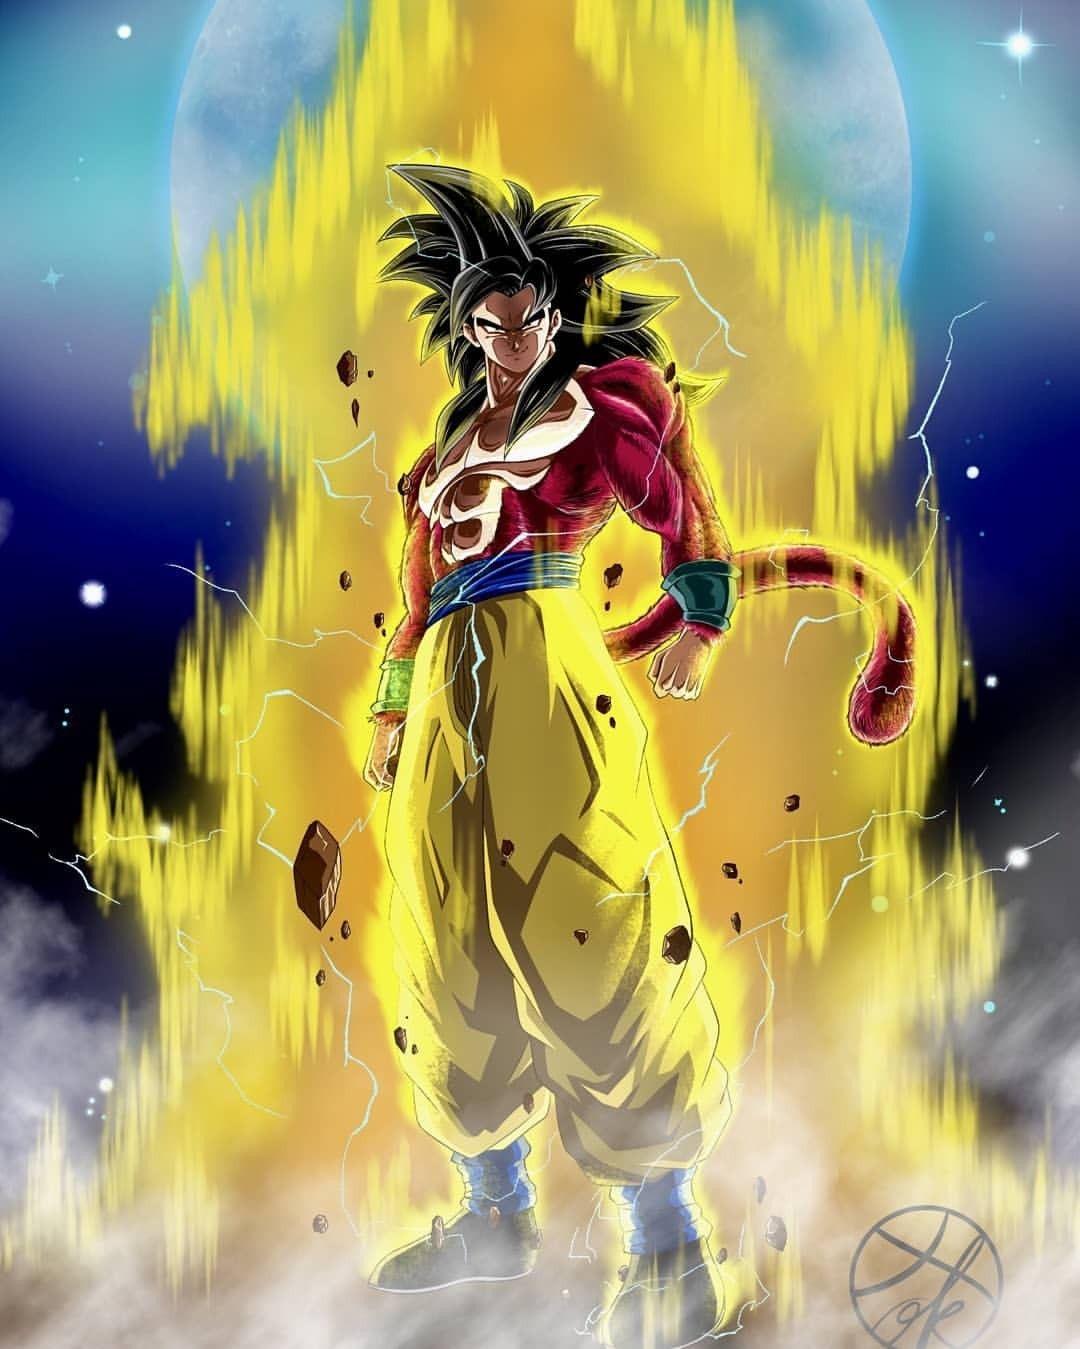 Ssj4 Goku Anime Dragon Ball Super Dragon Ball Goku Dragon Ball Gt